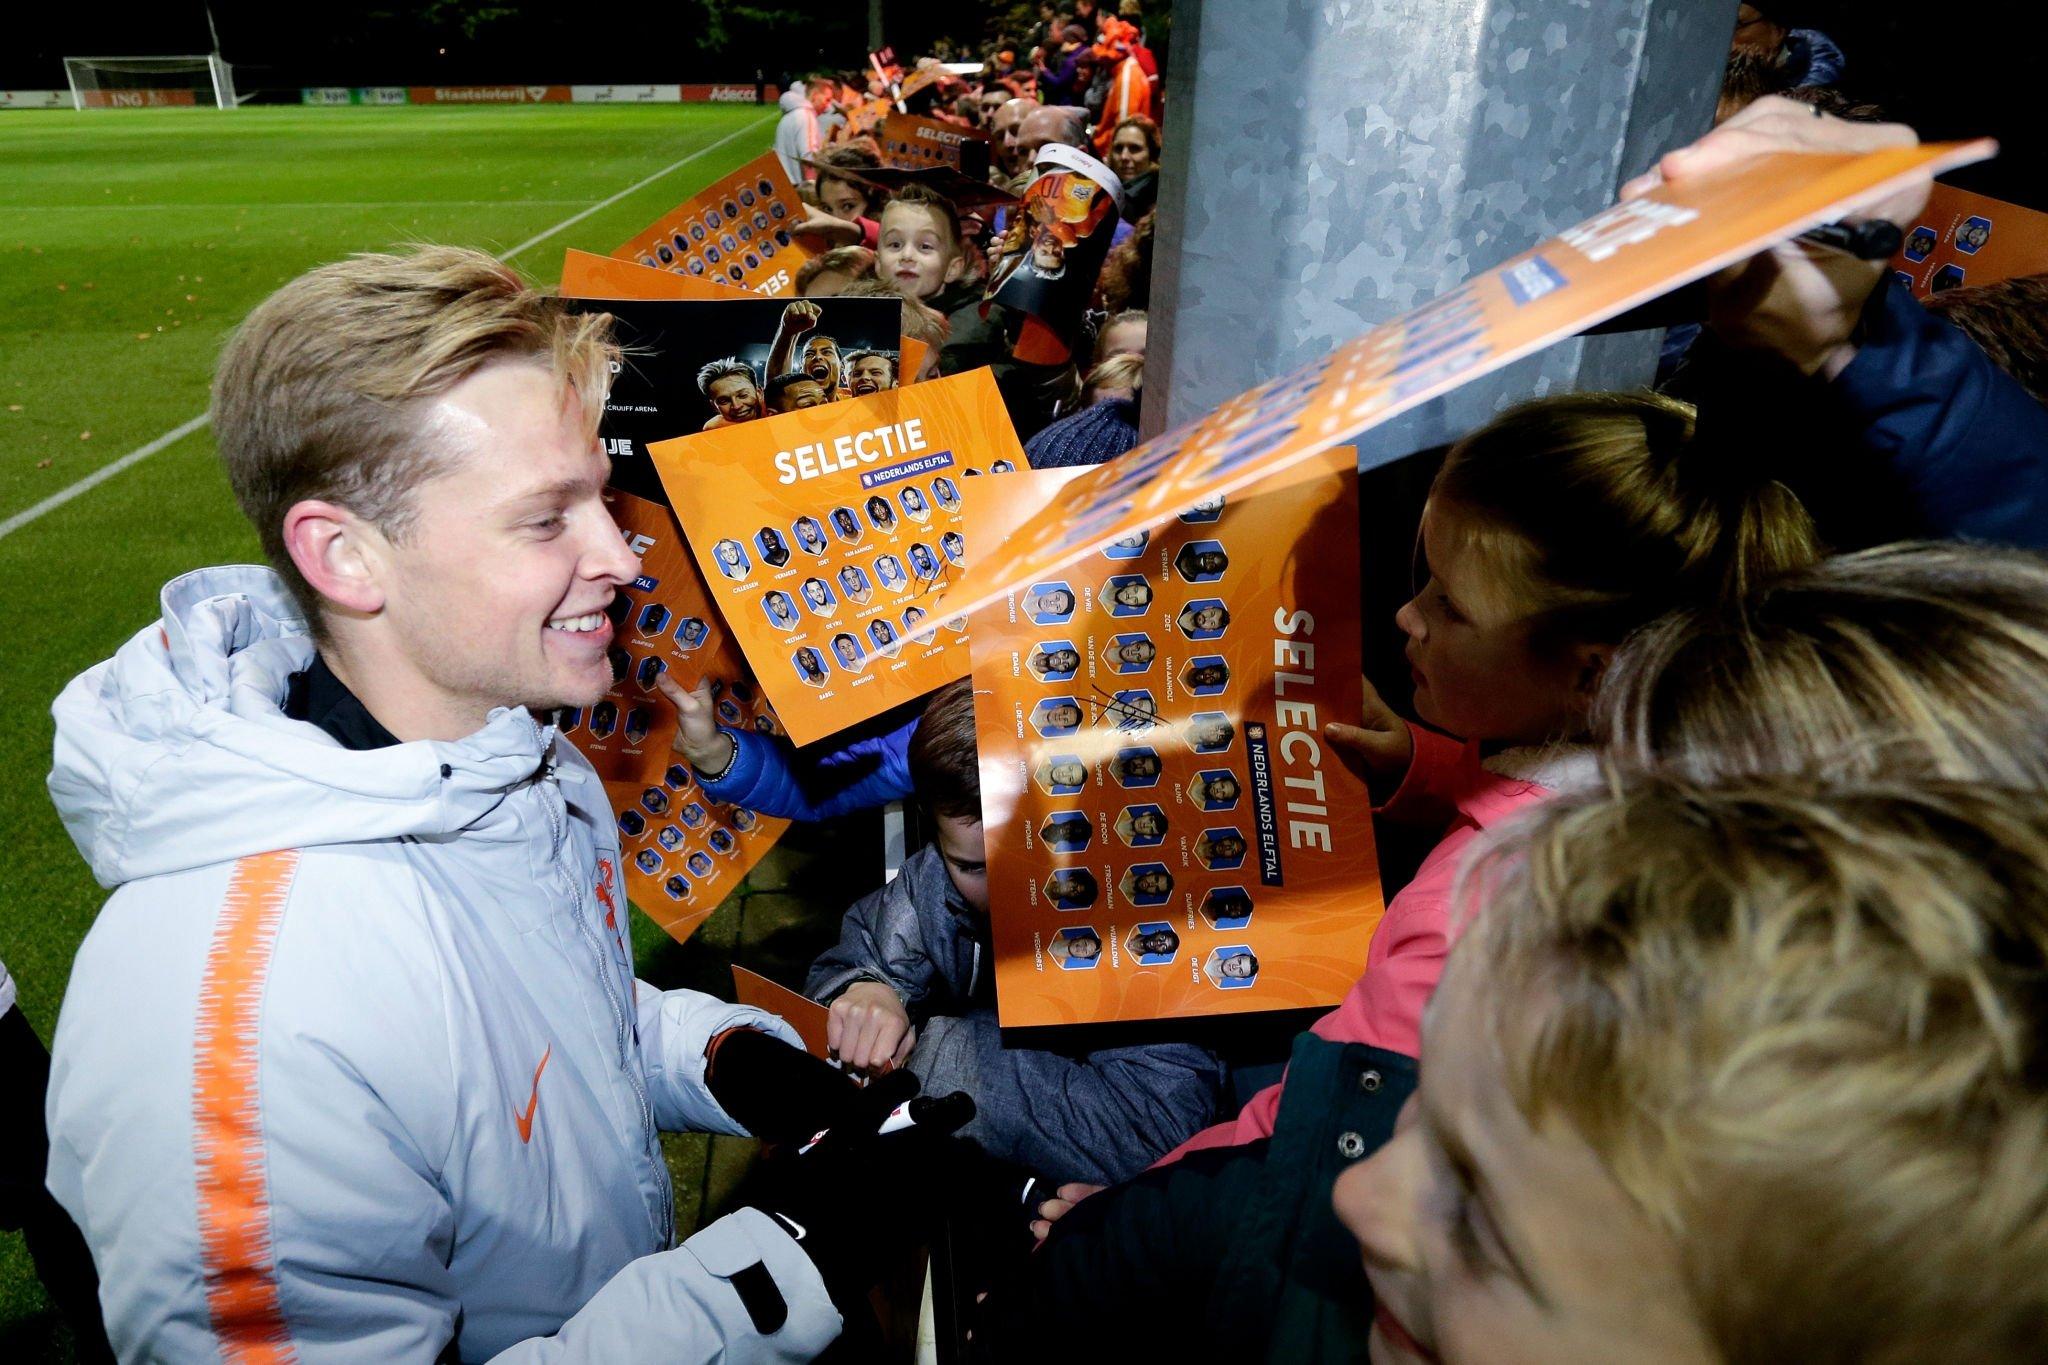 德容在荷兰国家队